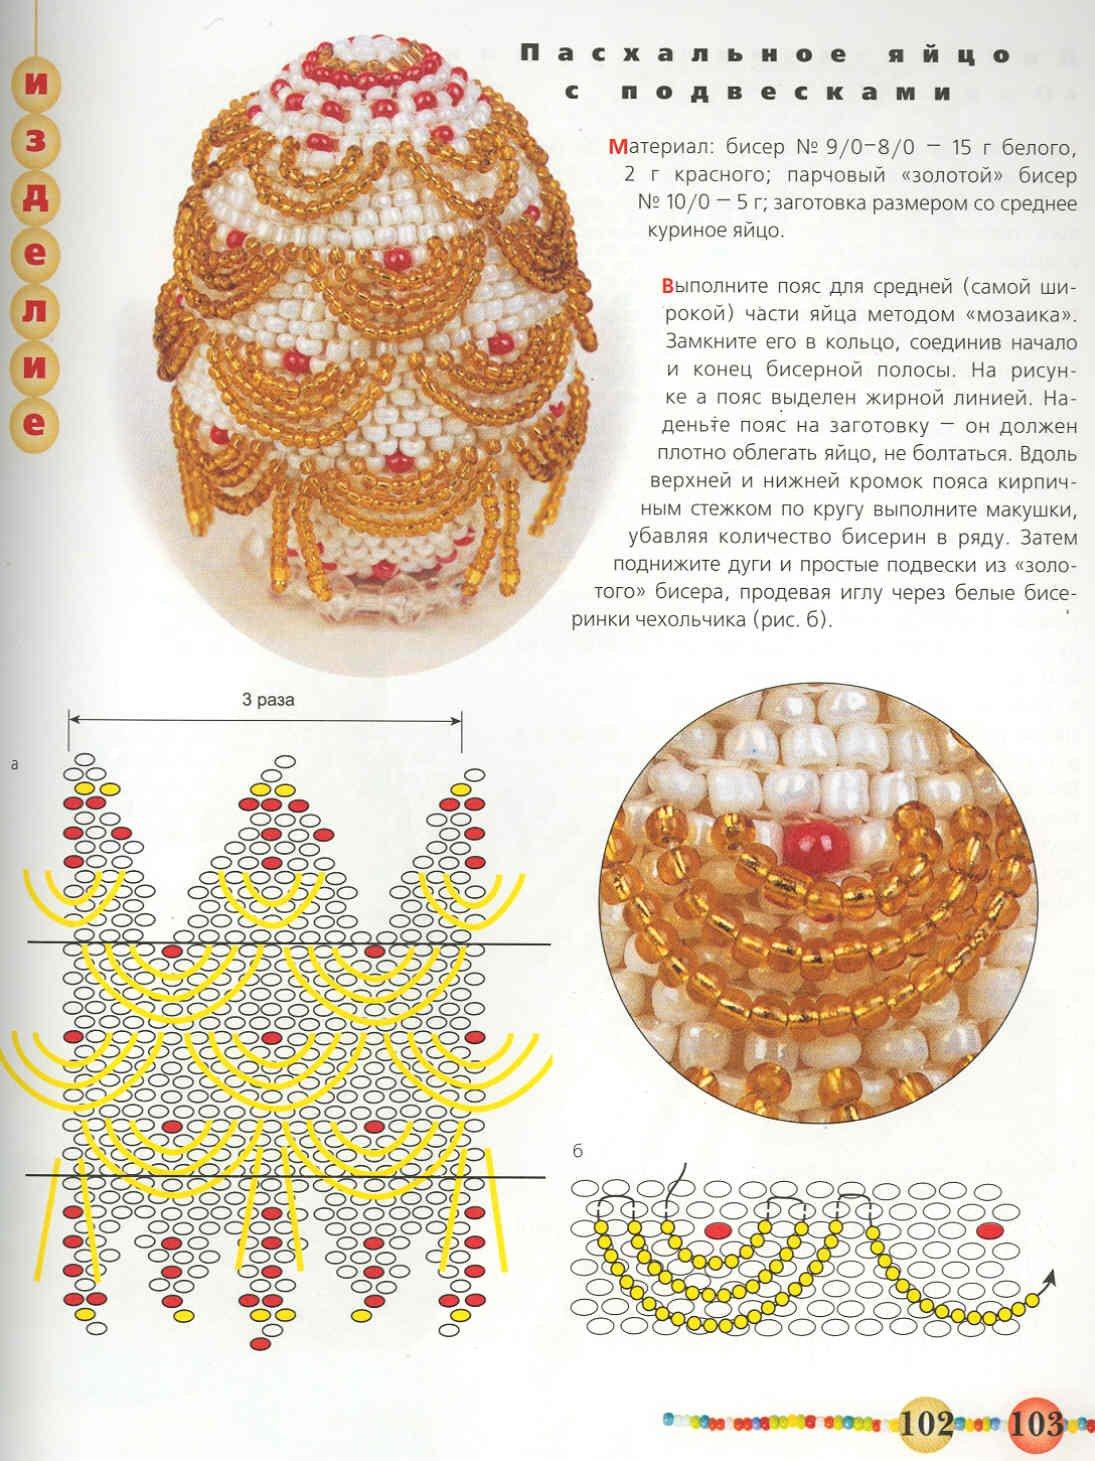 схема церкви из бисера для оплетения яйца